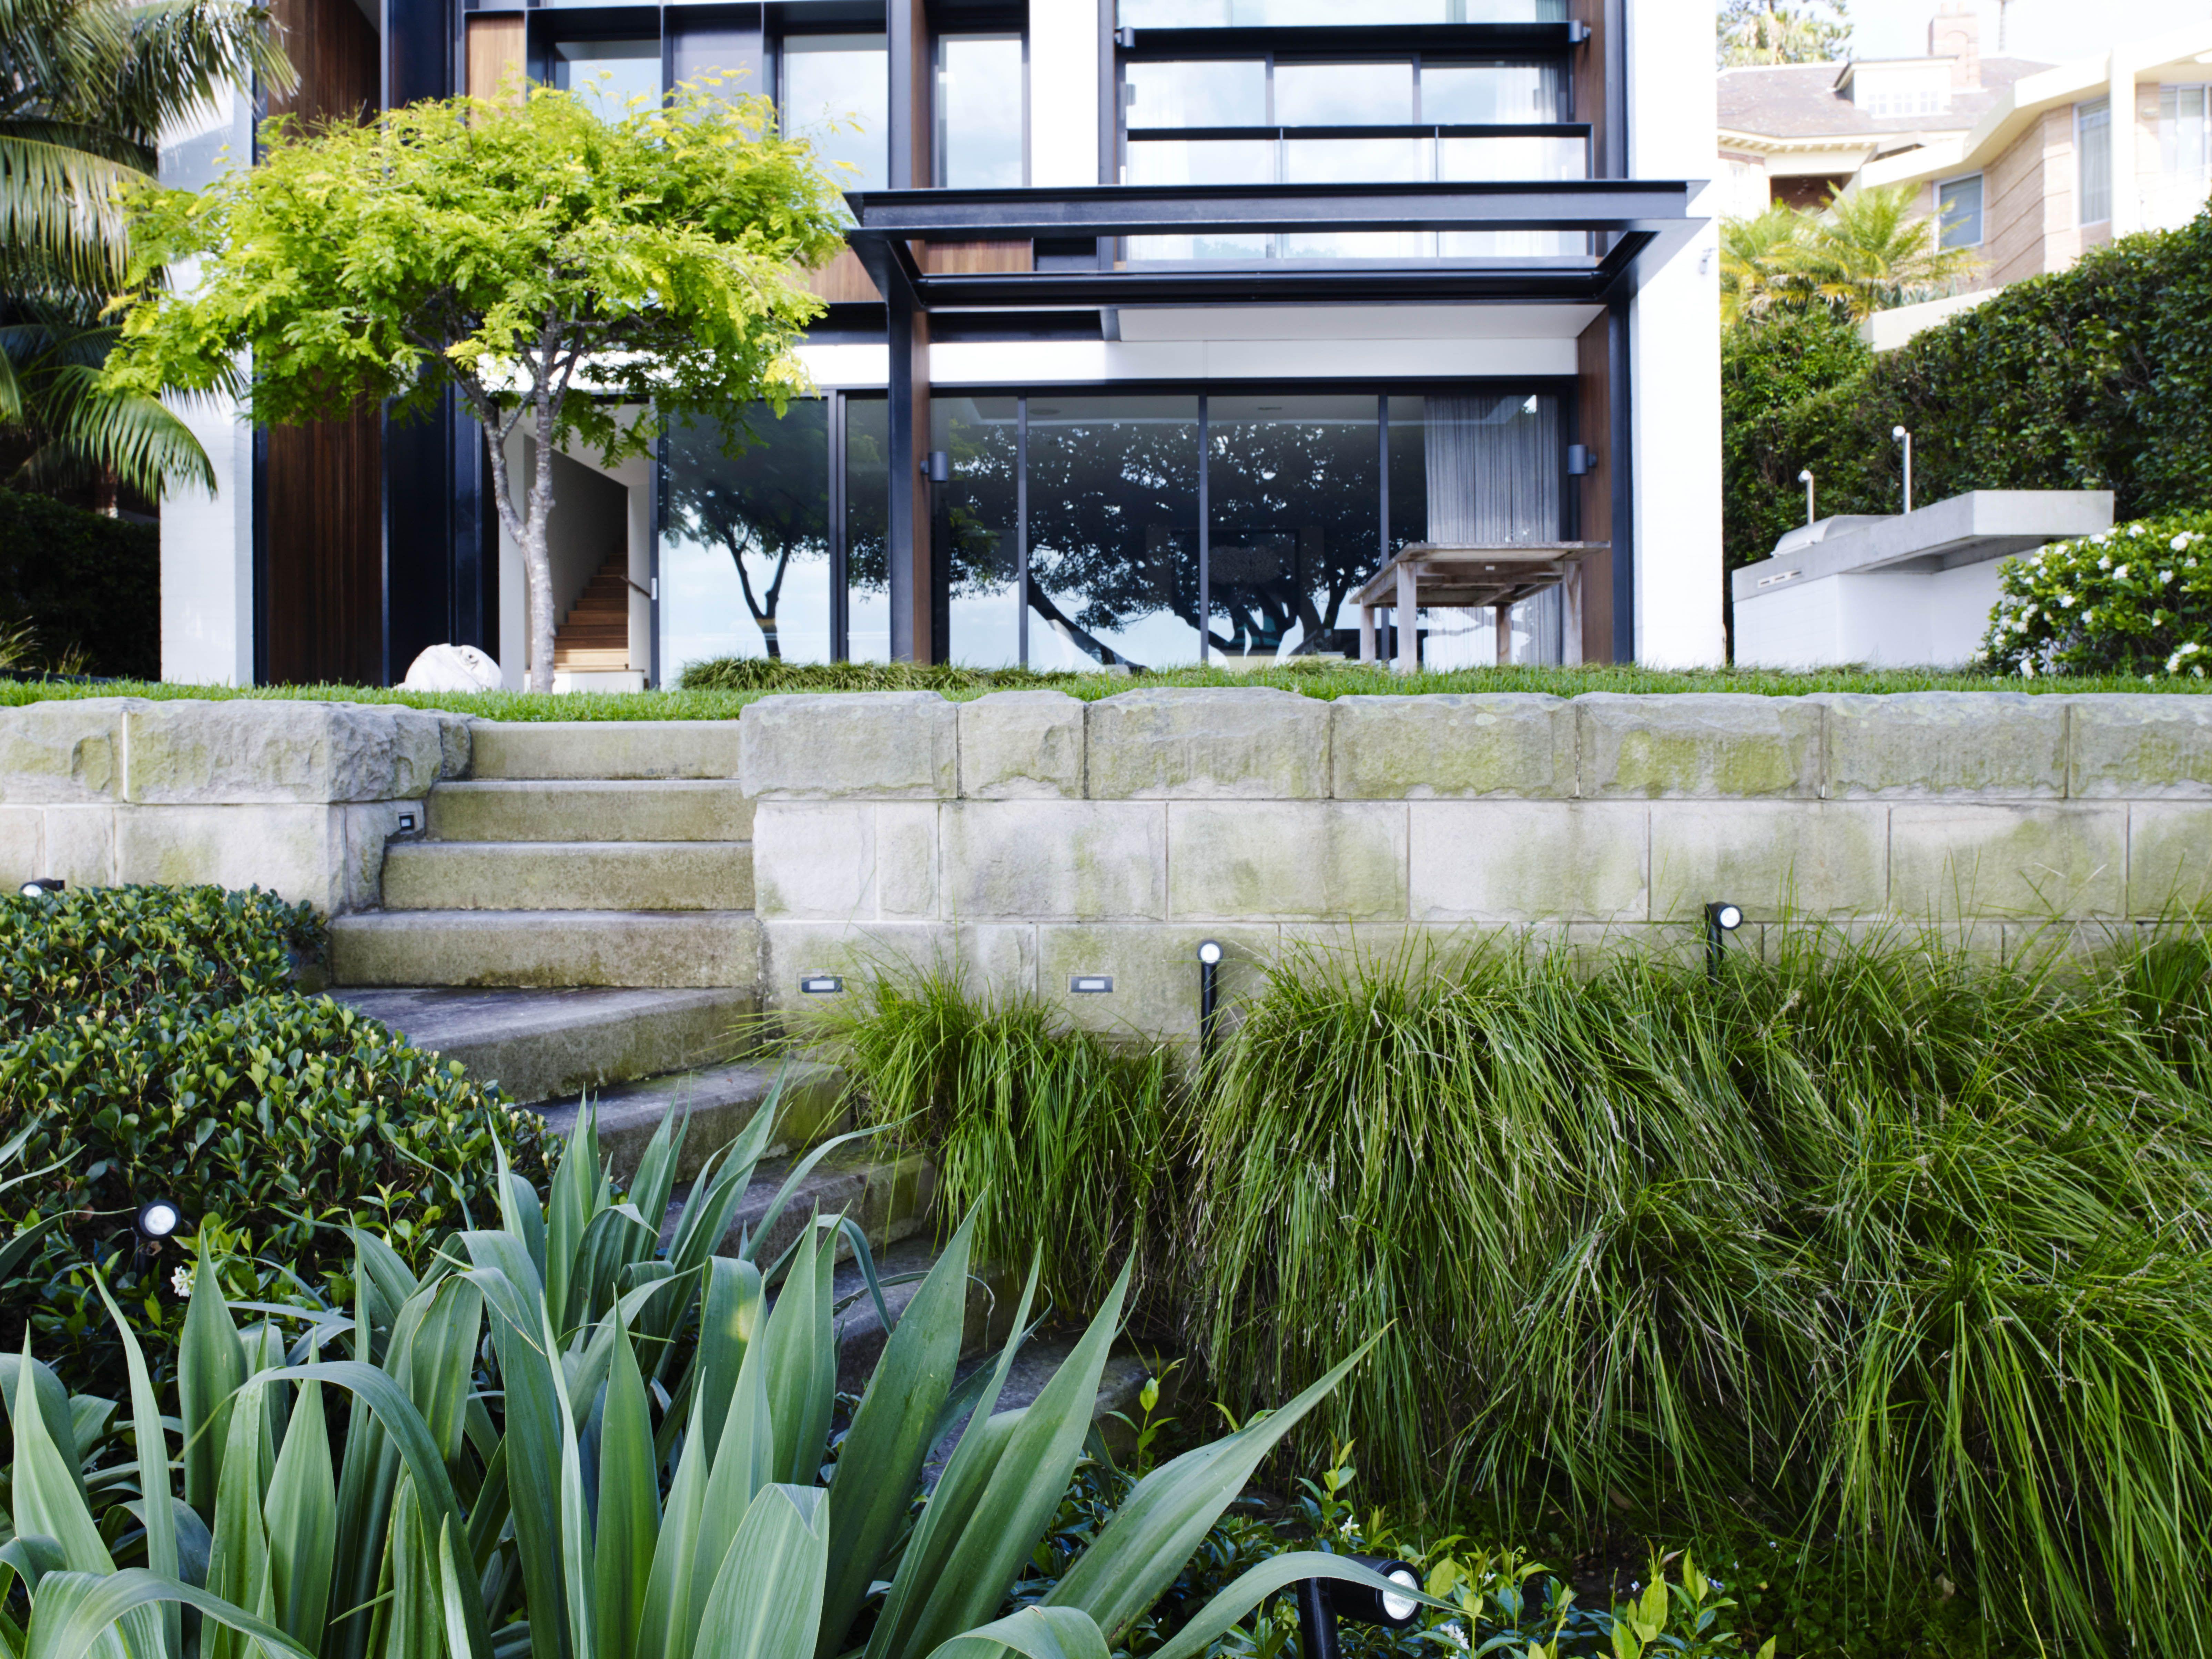 William danger landscape gardener Australian garden